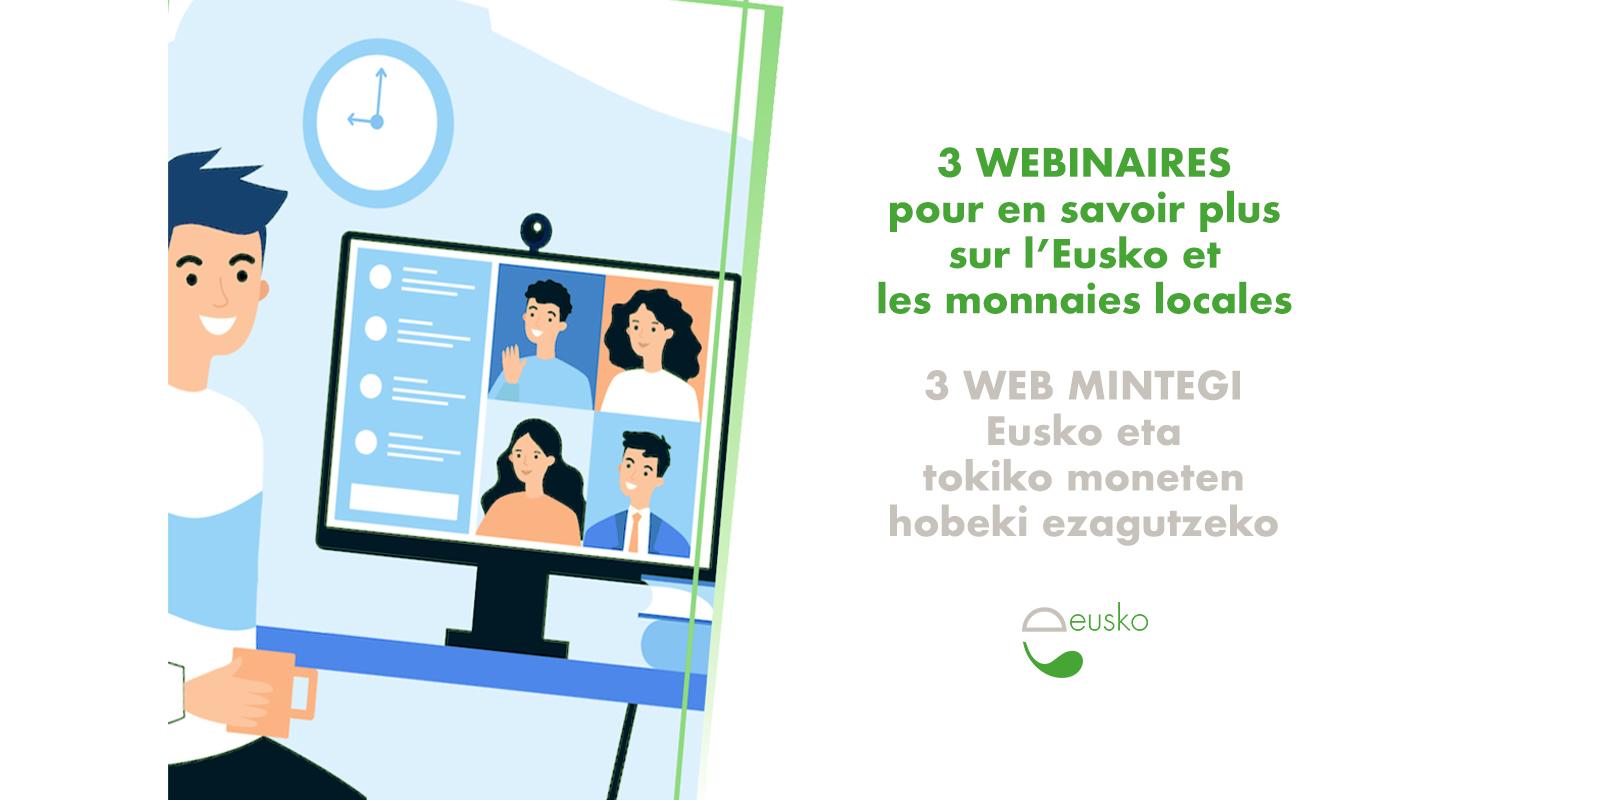 Un cycle de trois webinaires pour tout comprendre sur l'Eusko et les monnaies locales